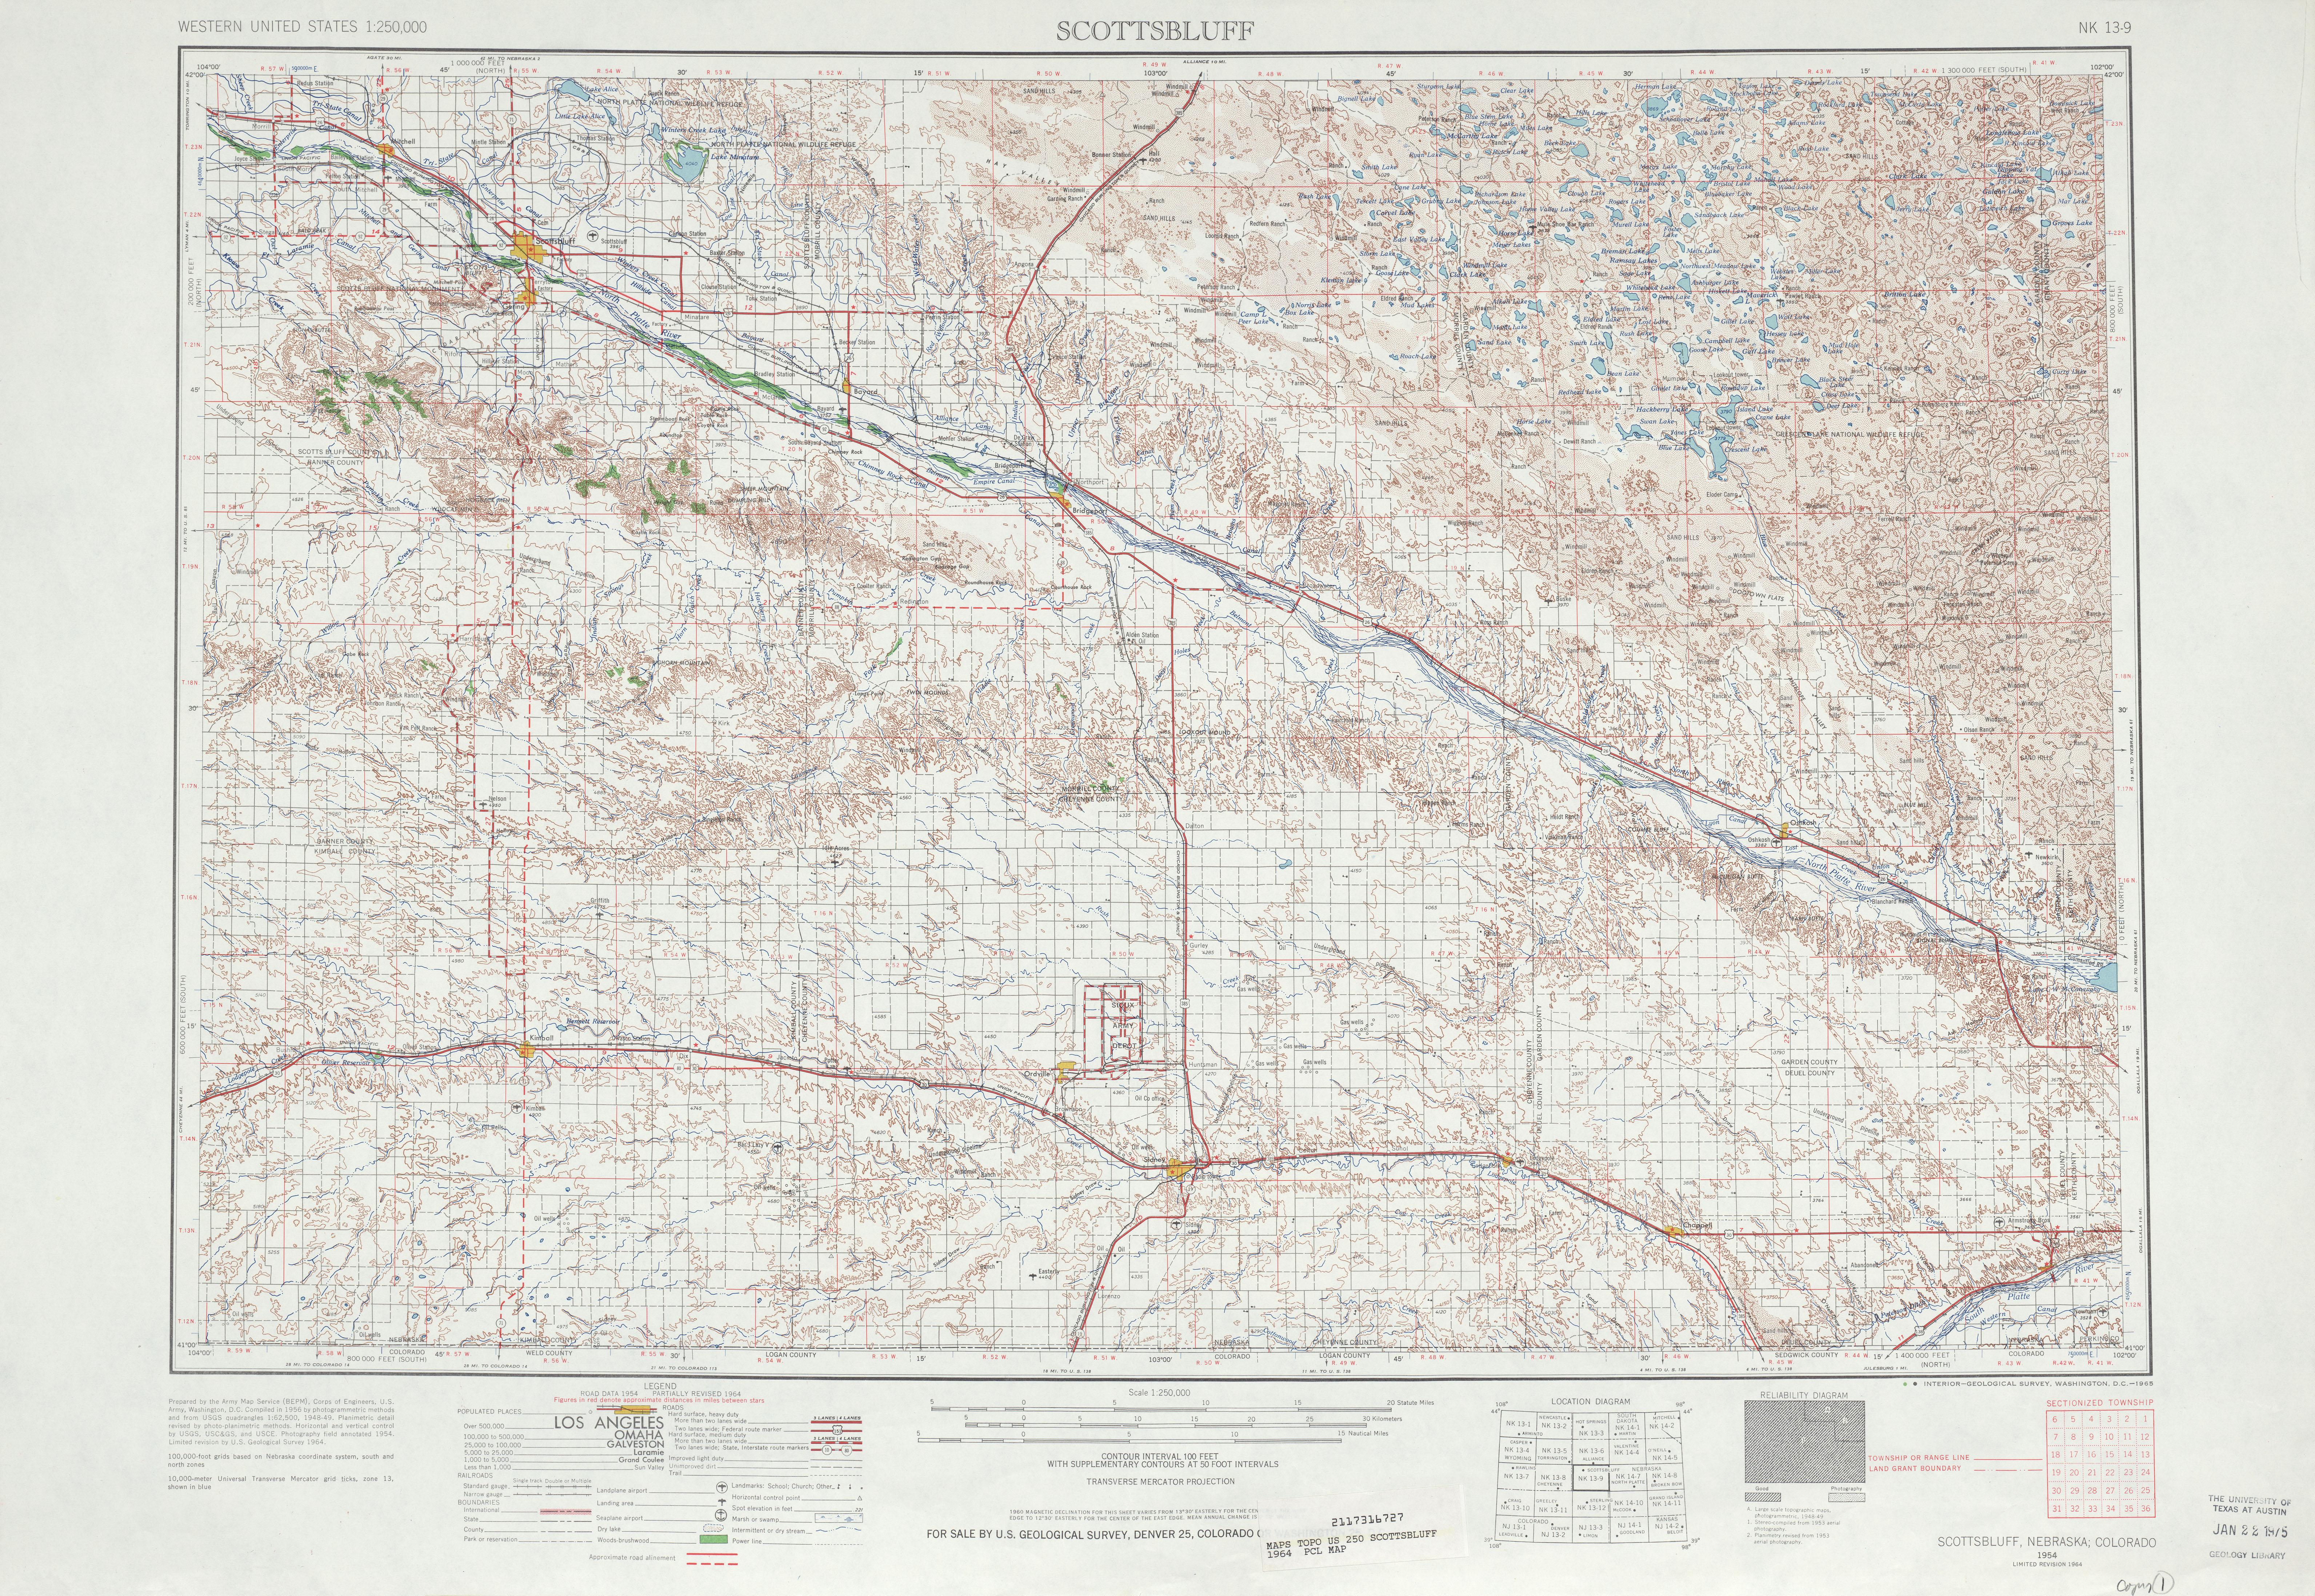 Hoja Scottsbluff del Mapa Topográfico de los Estados Unidos 1964